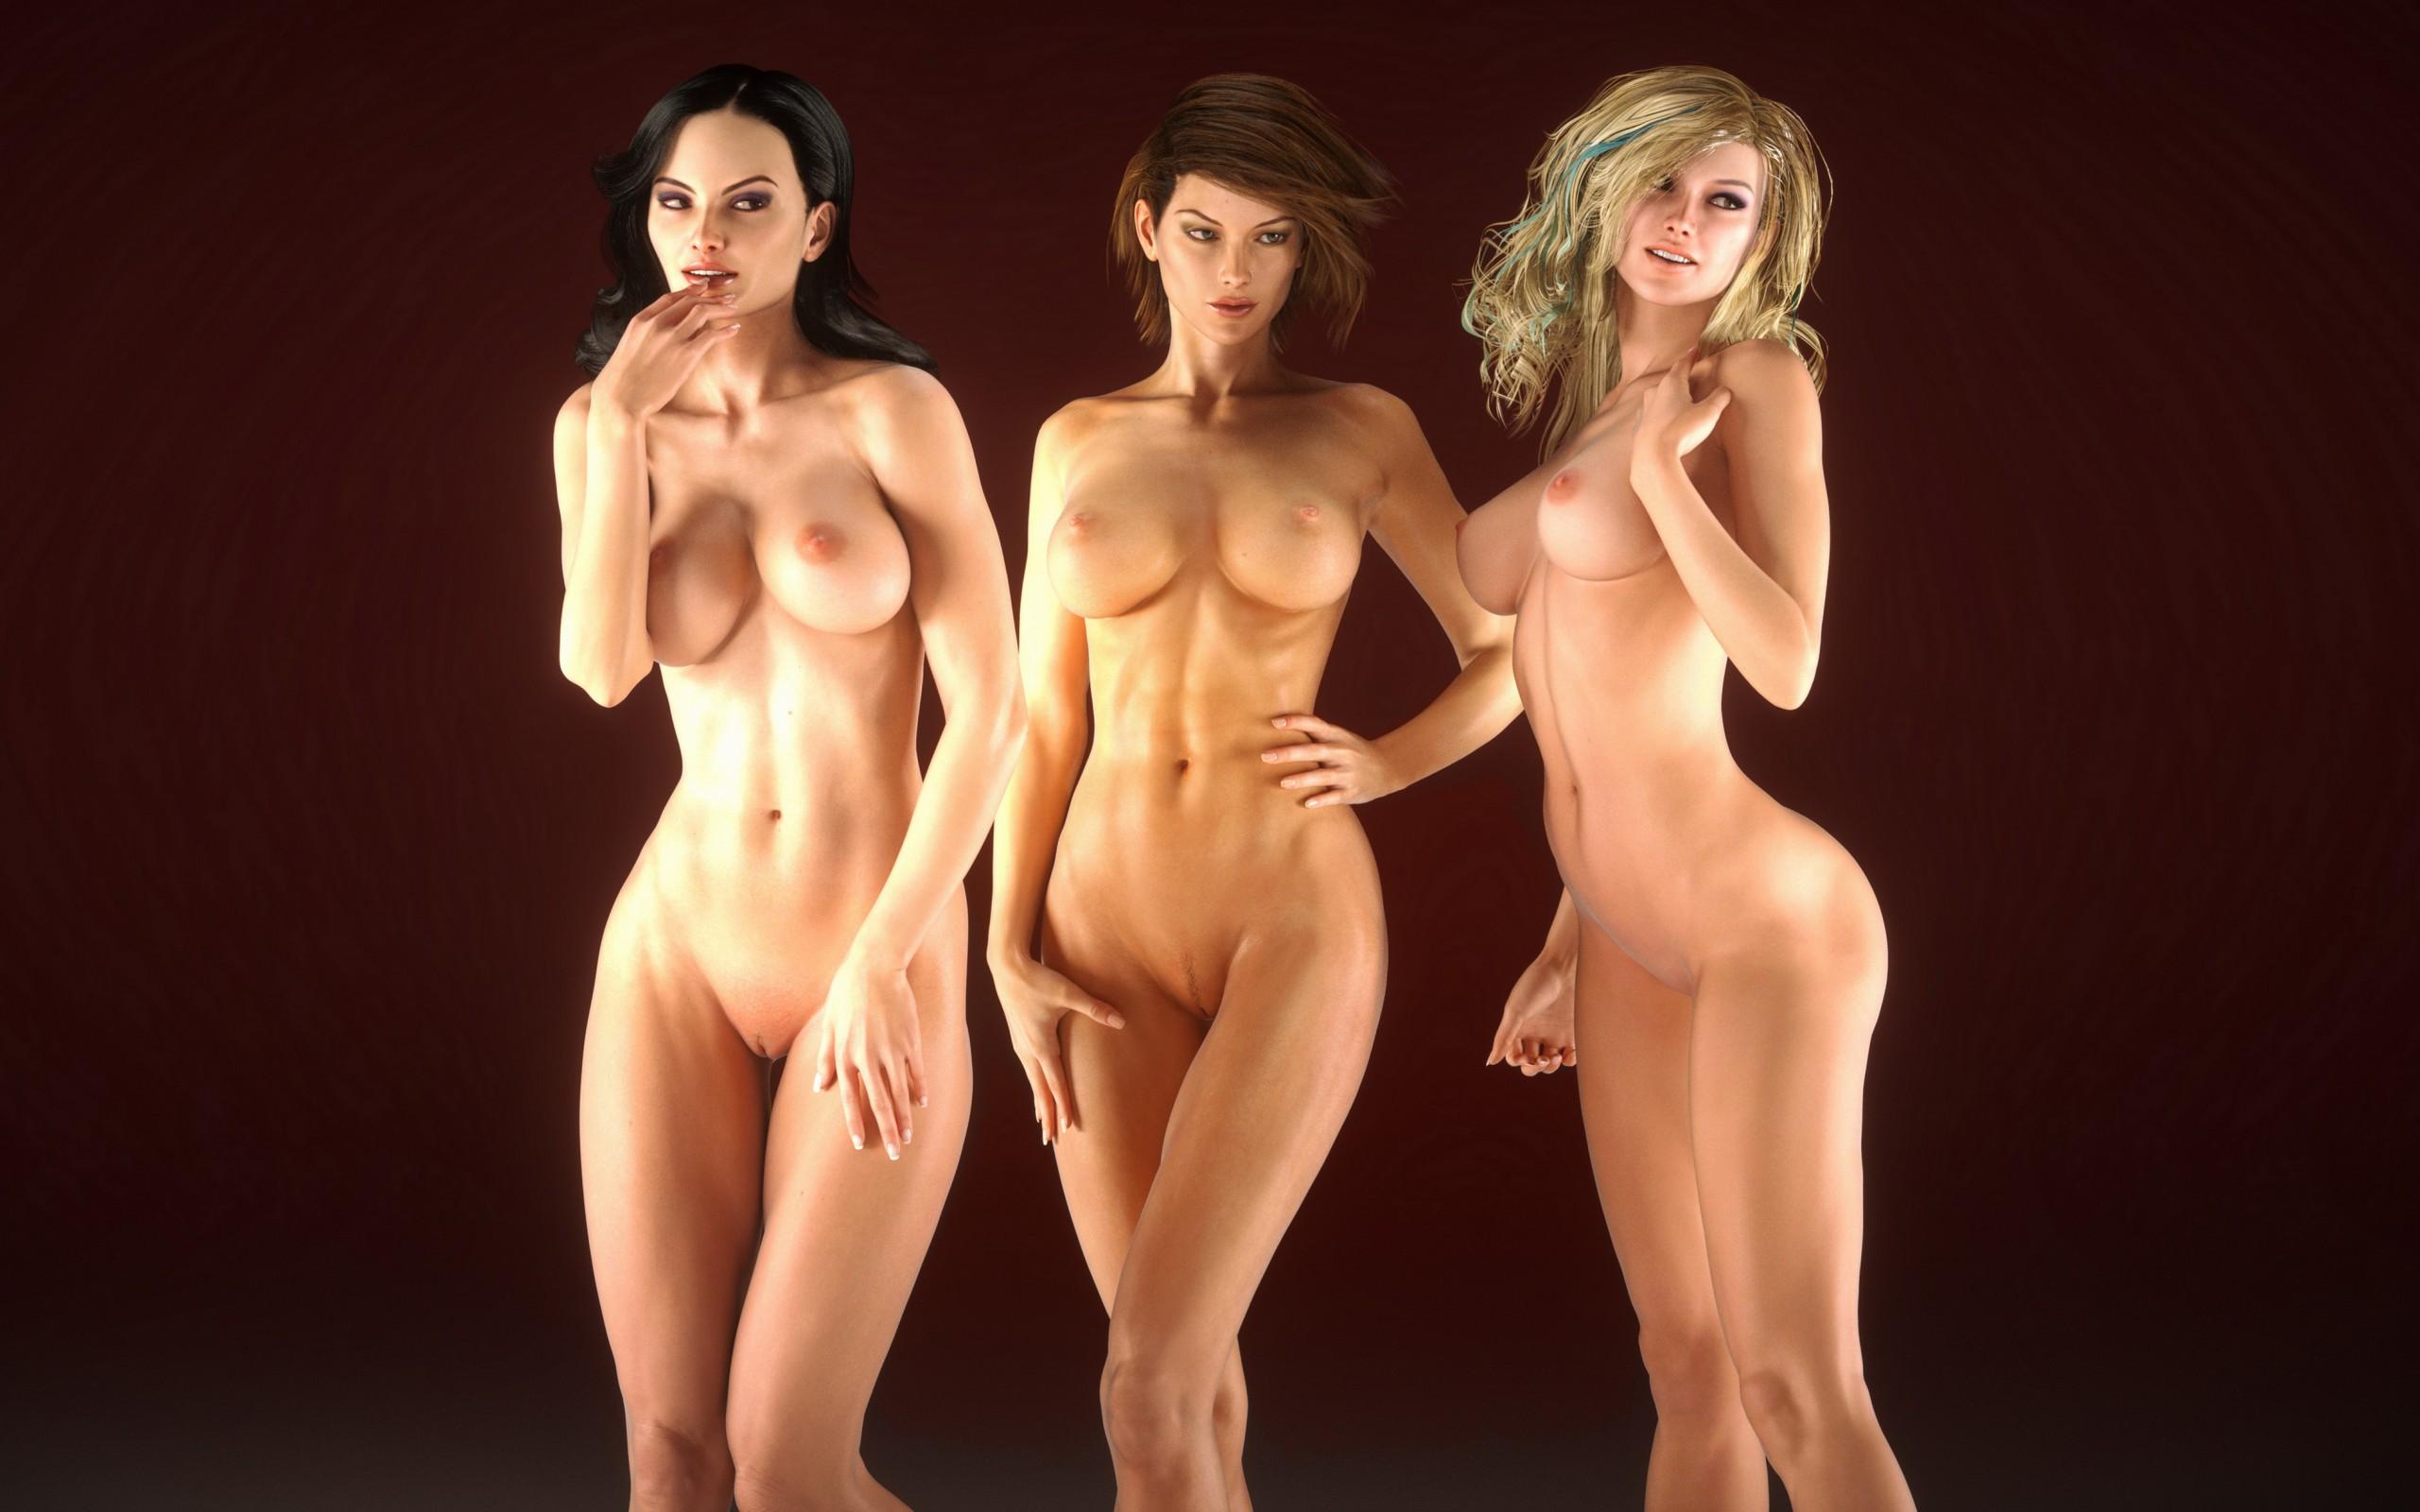 Эротика с тремя девушками моему